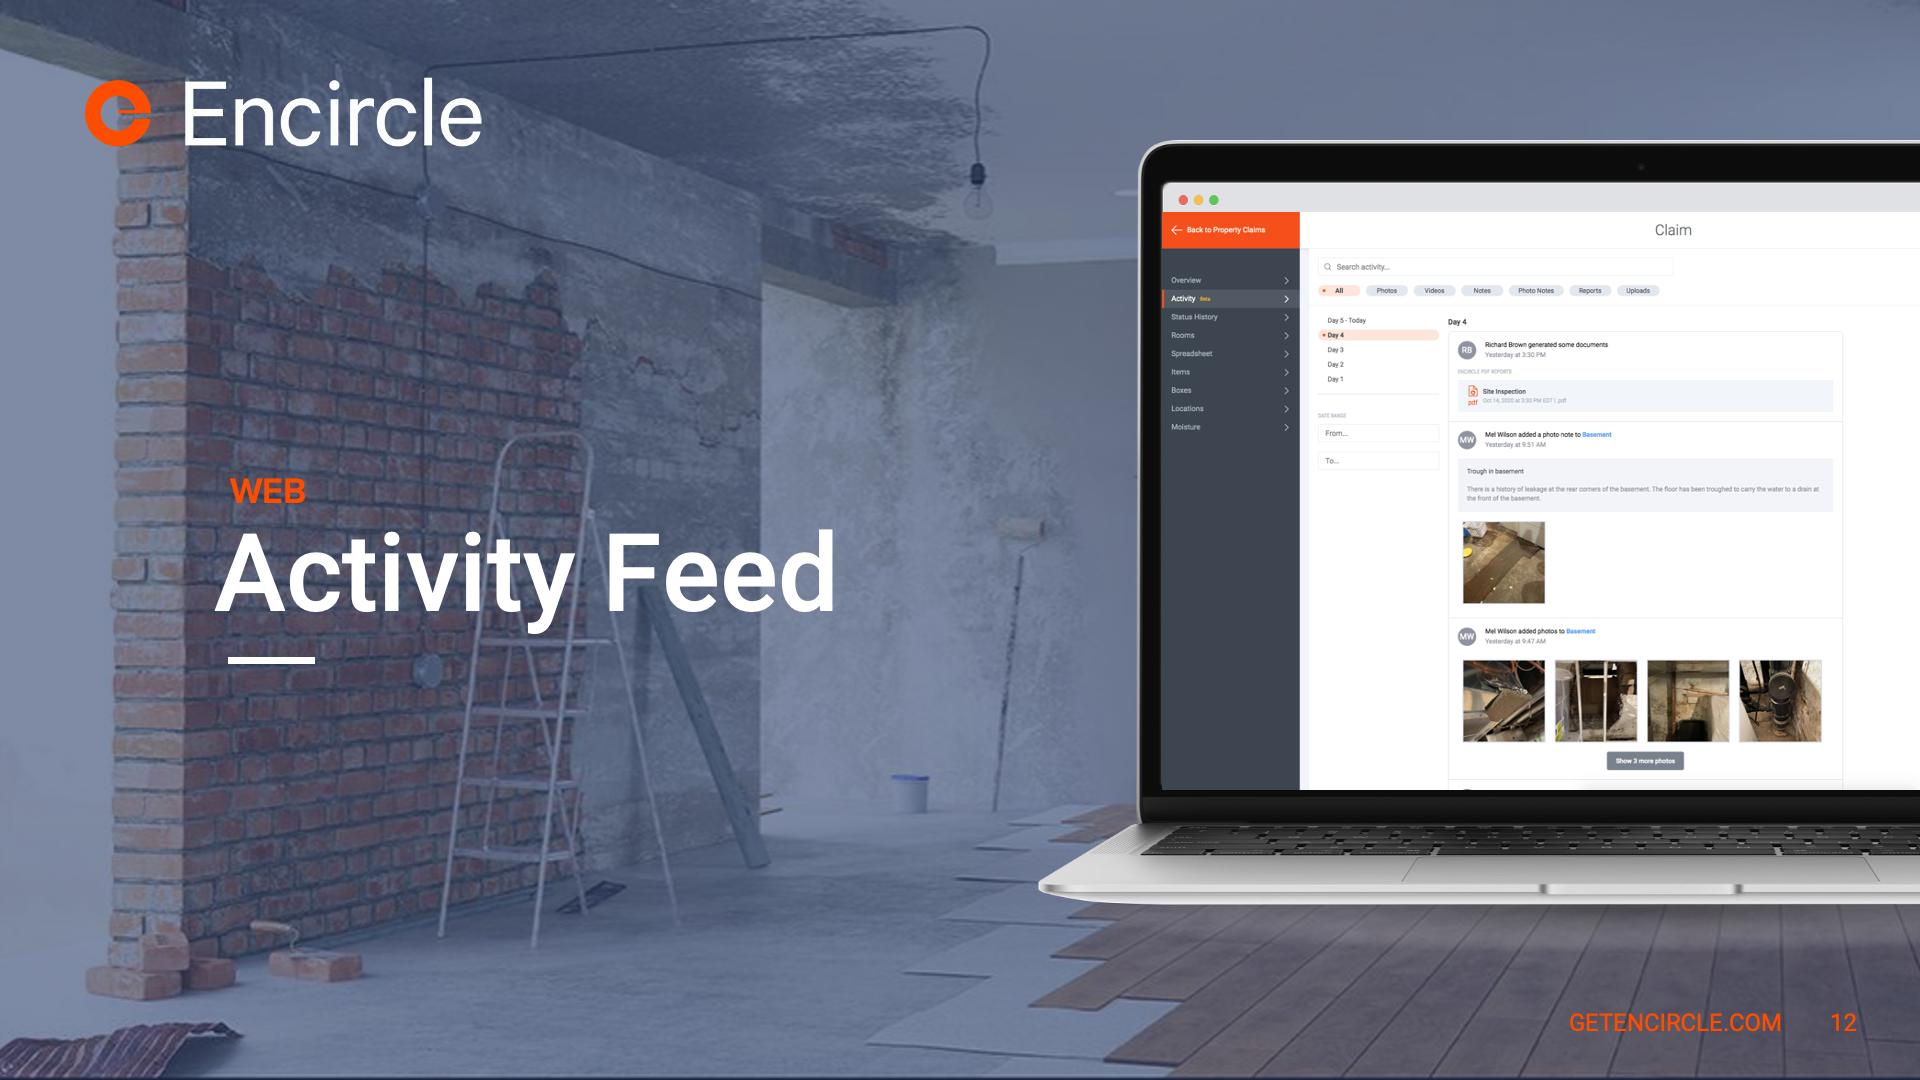 5-Activity-Feed-Whats-New-at-Encircle-Webinar